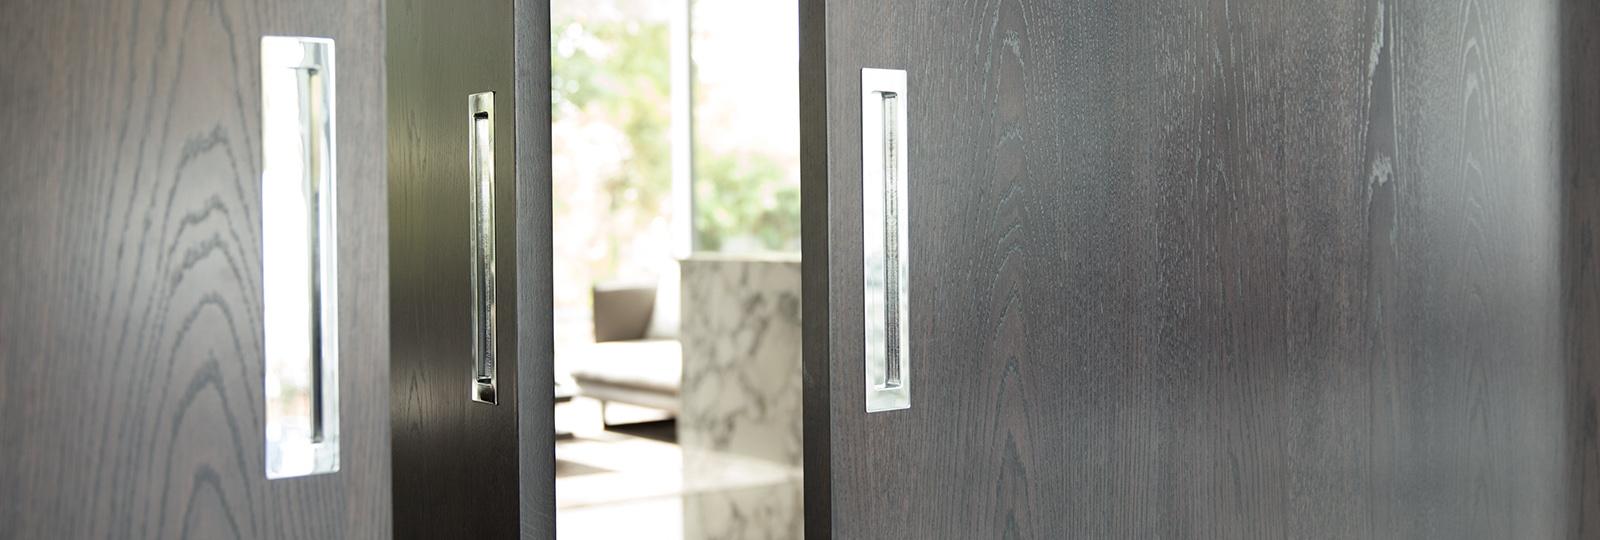 Cavity Sliding Door System Homeview Doors Cavity Sliding Door